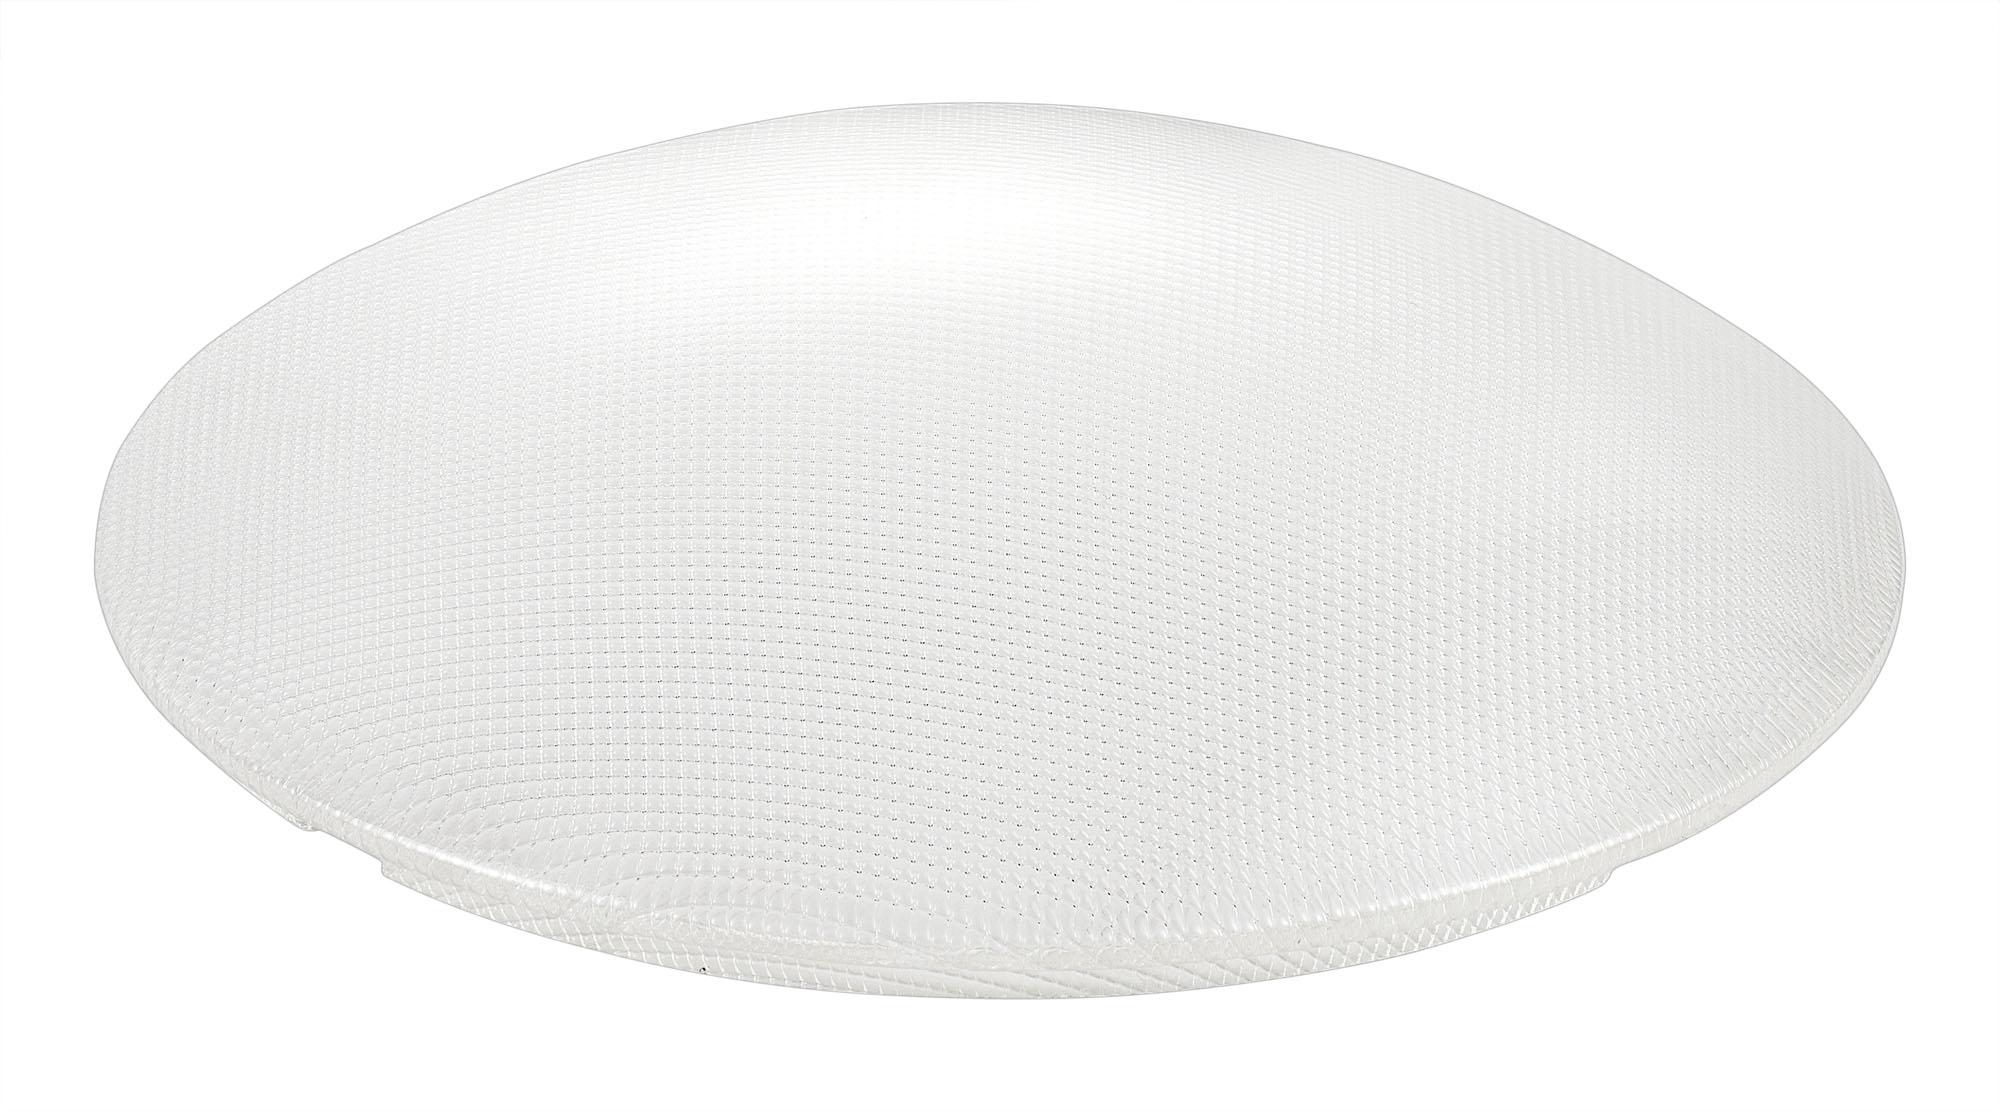 漫射罩-自然光照明系统